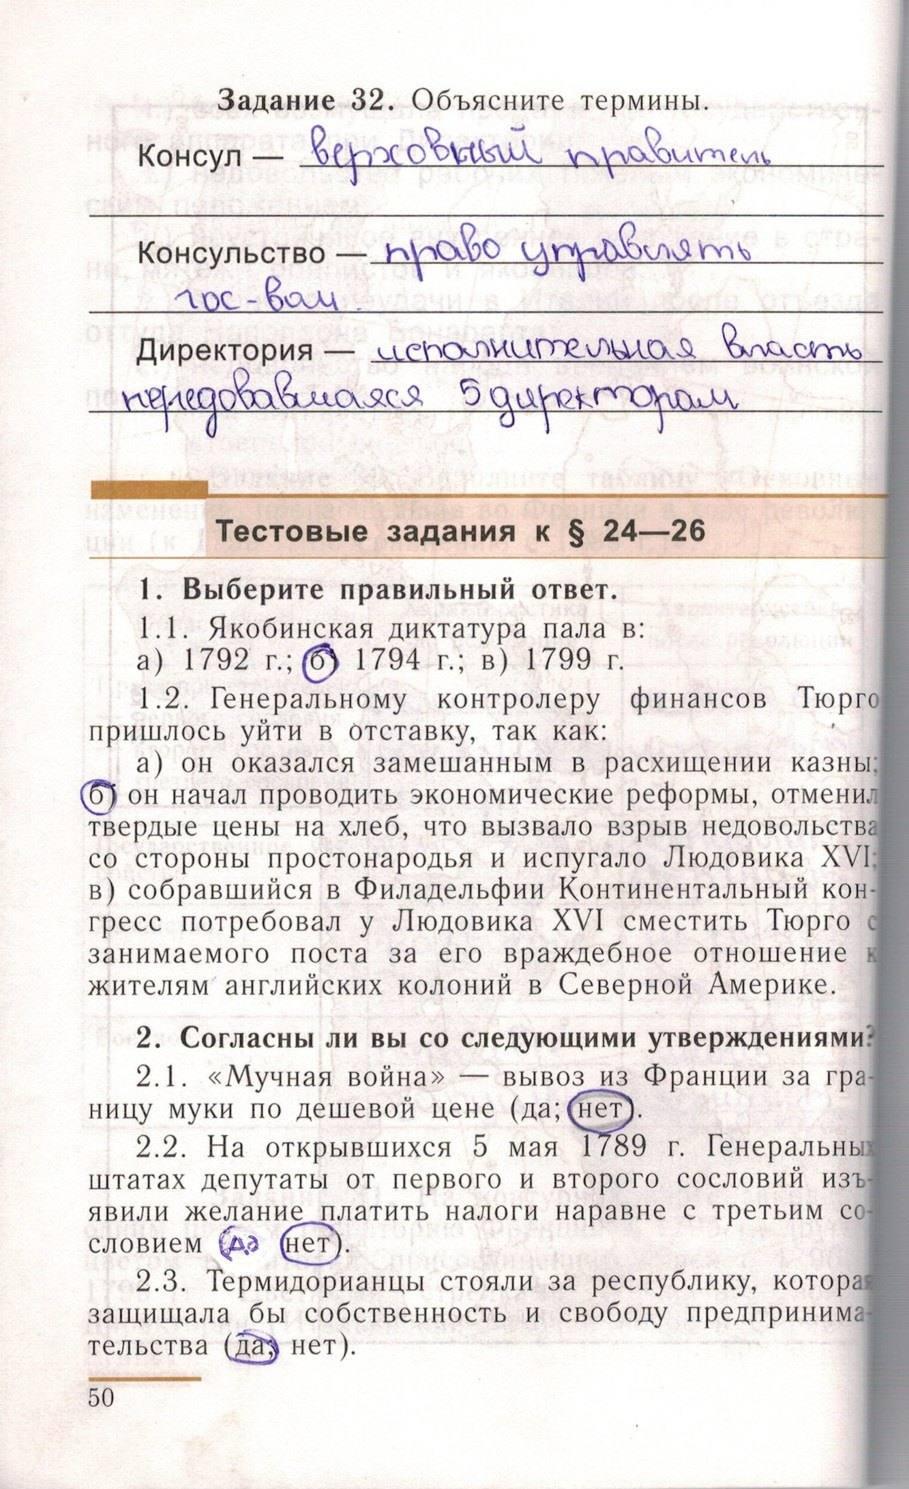 решебник по всеобщей истории 7 класс учебник ответы